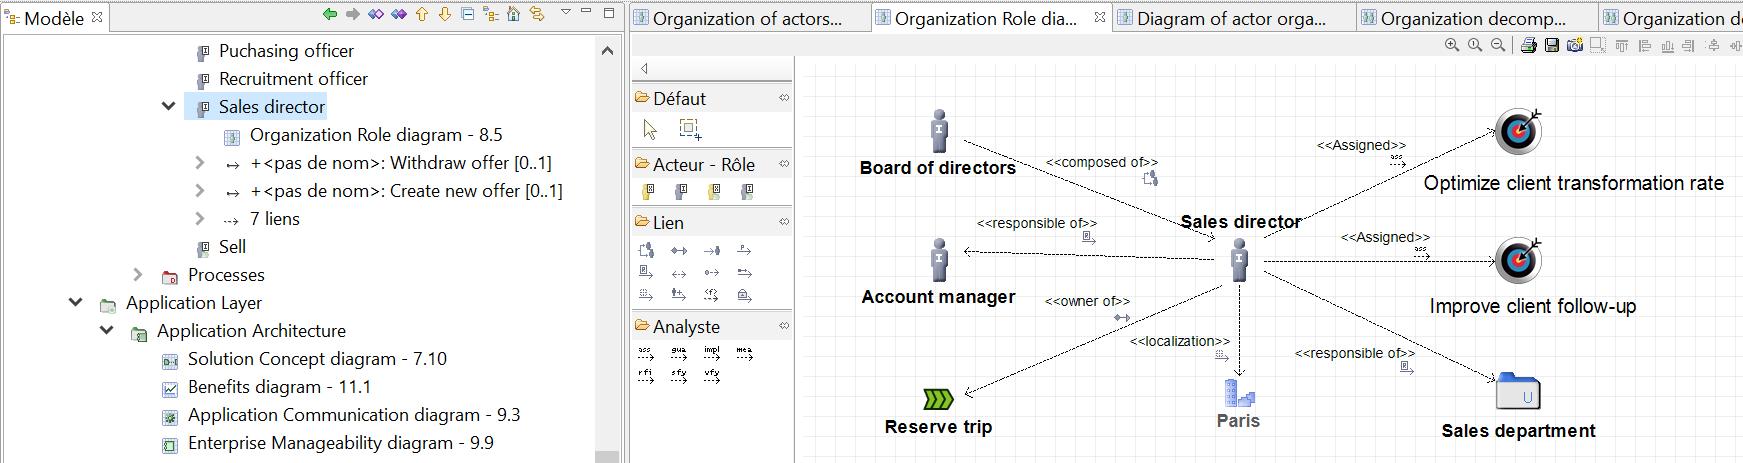 togaf-vue-detaillee-d-un-acteur-du-diagramme-d-organisation-exemple-sales-director.png